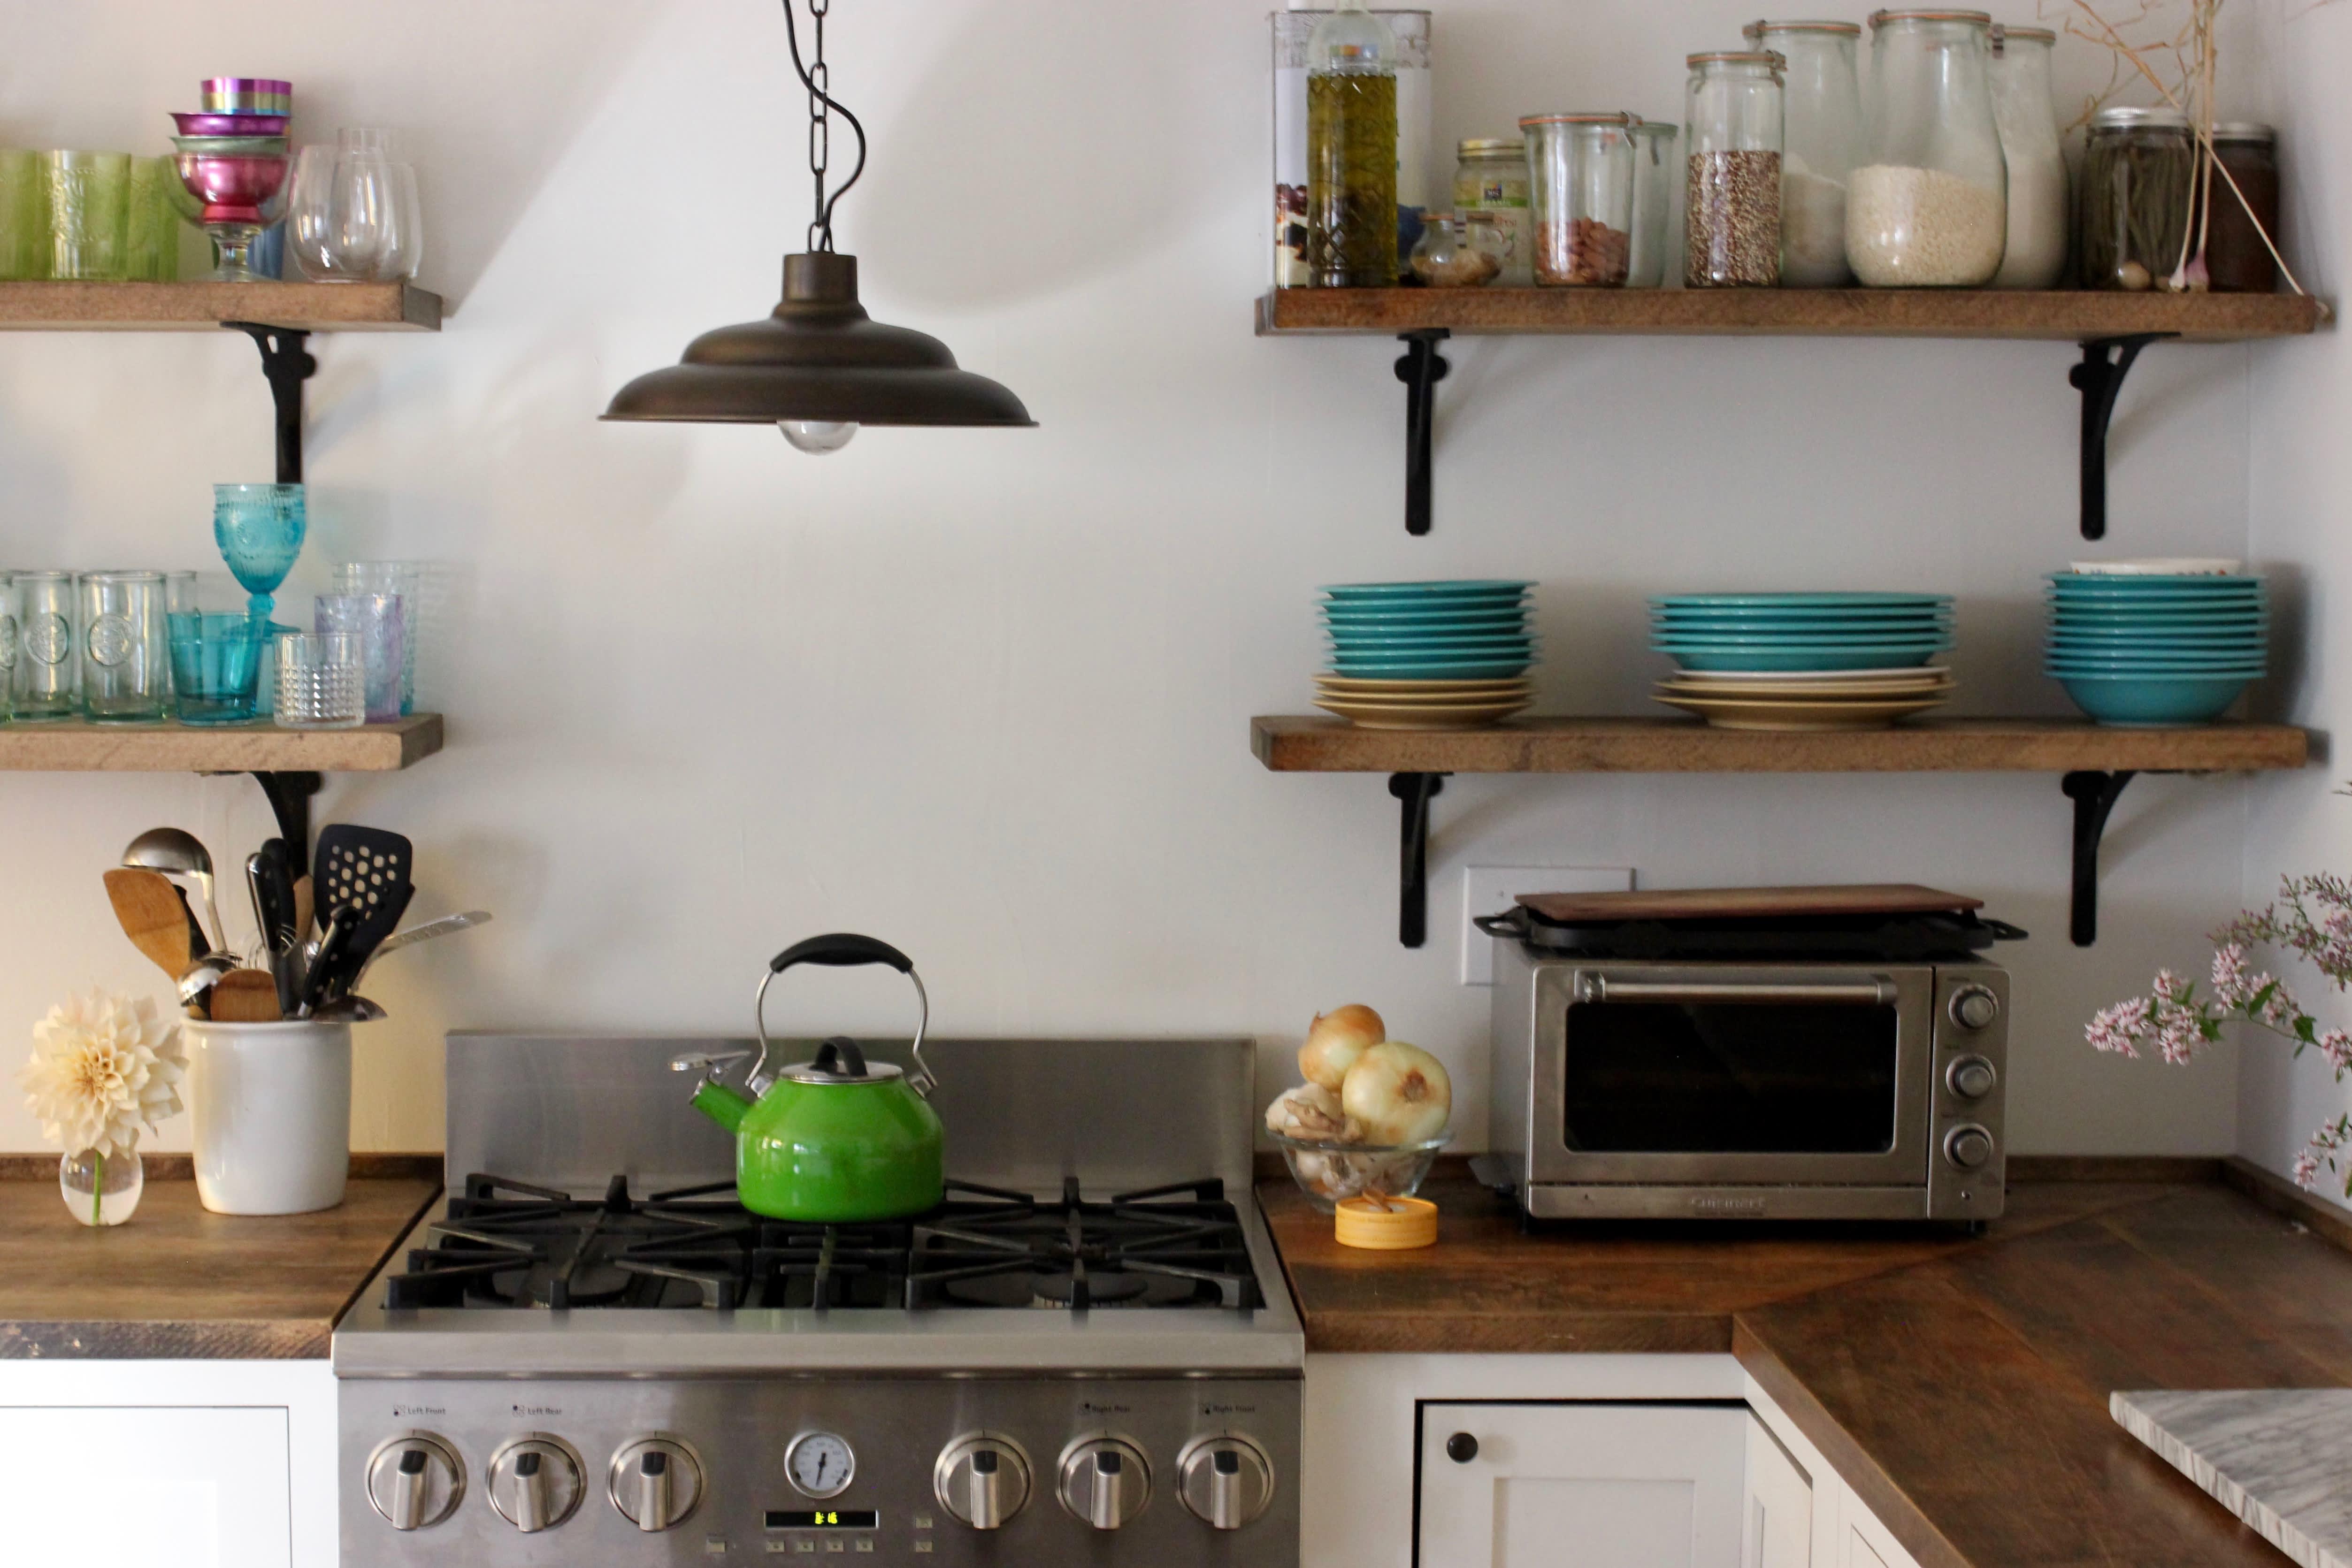 Macy\'s Friends & Family Sale: Best Kitchen Deals | Apartment ...